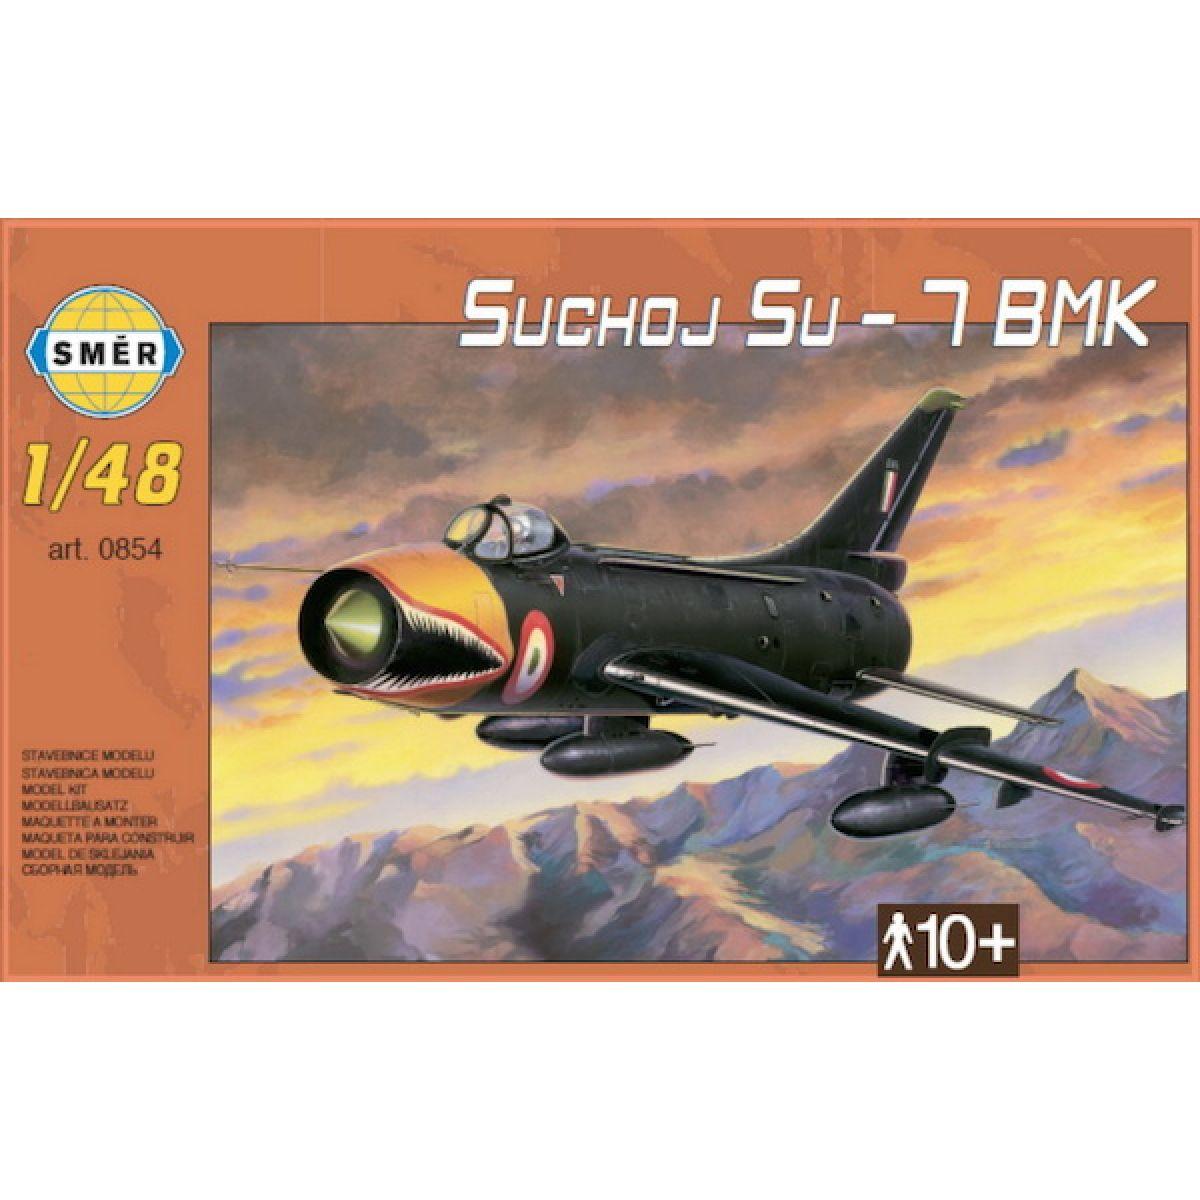 Fotografie SMĚR - MODELY - Suchoj Su-7 BMK Směr - Modely